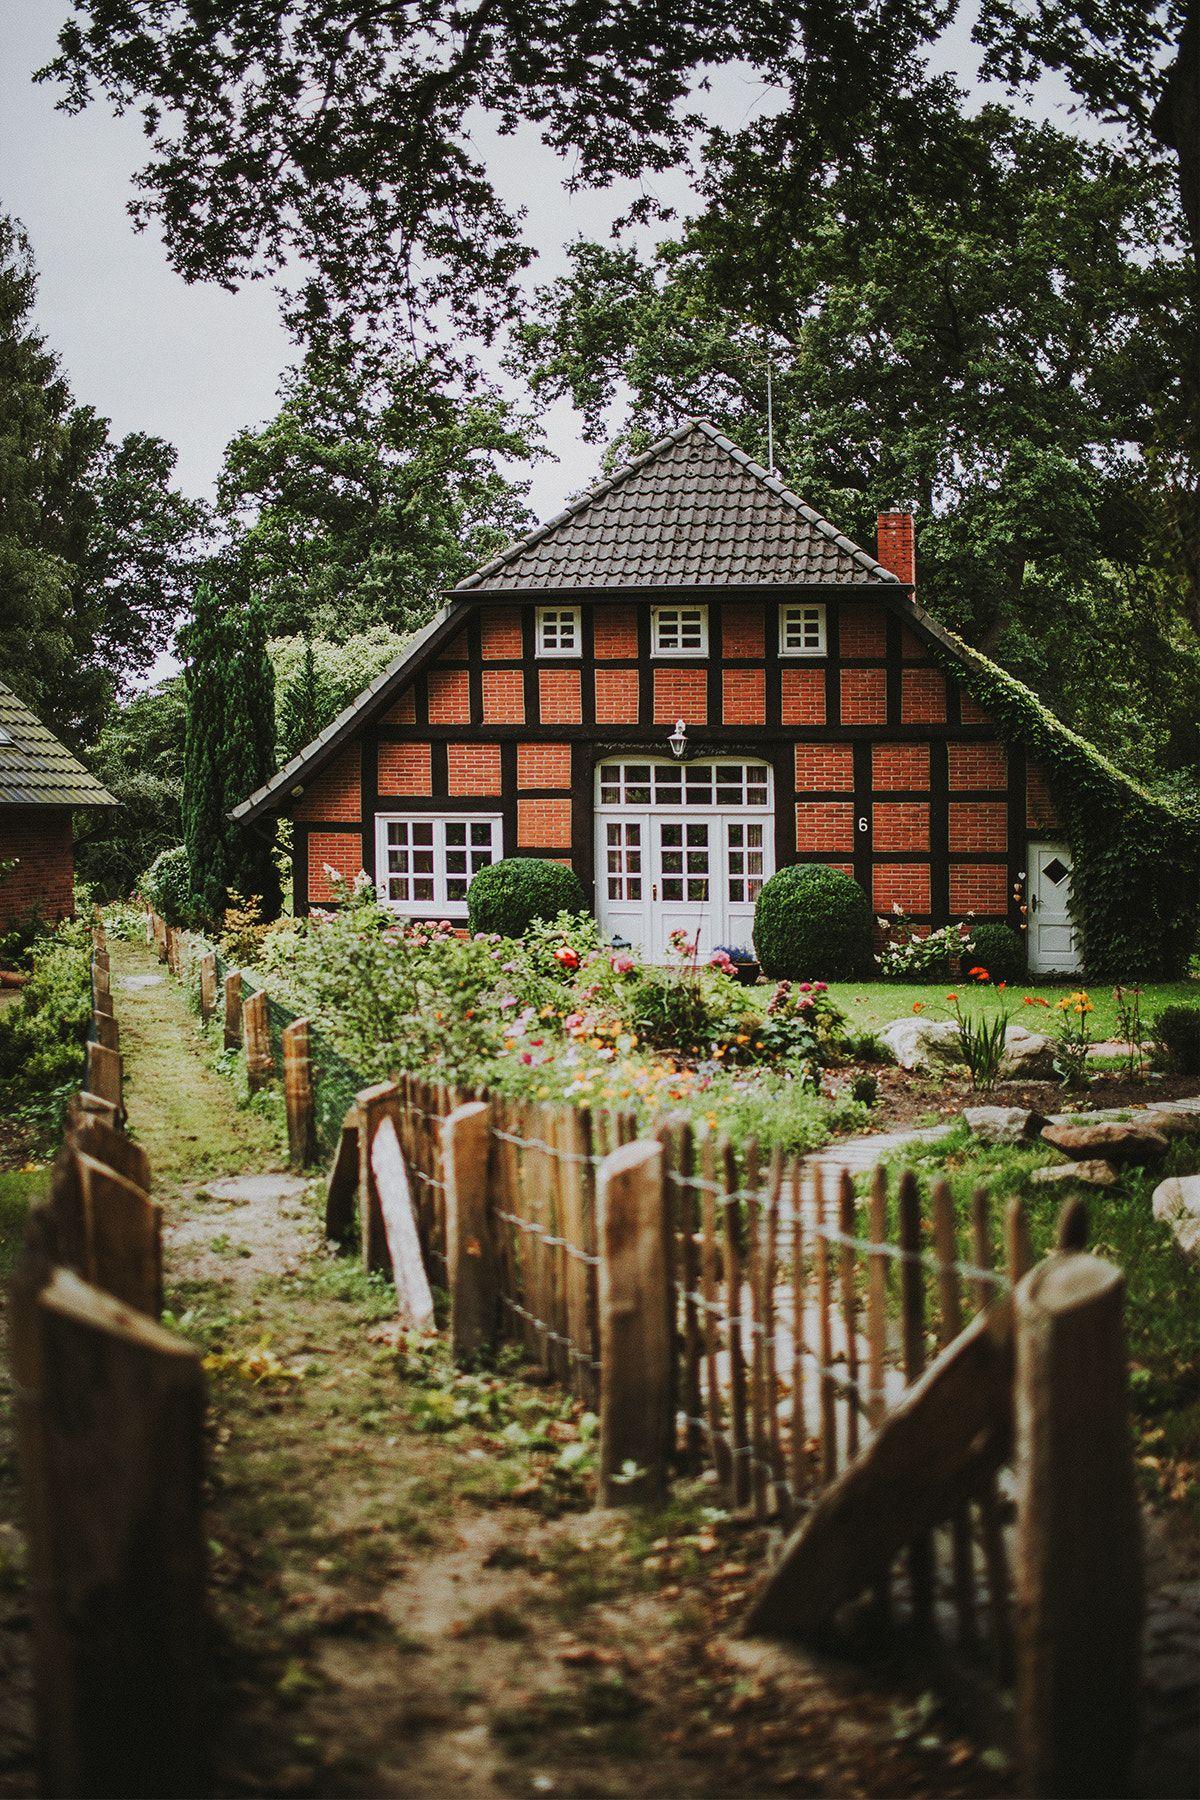 The House Of Hansel & Gretel